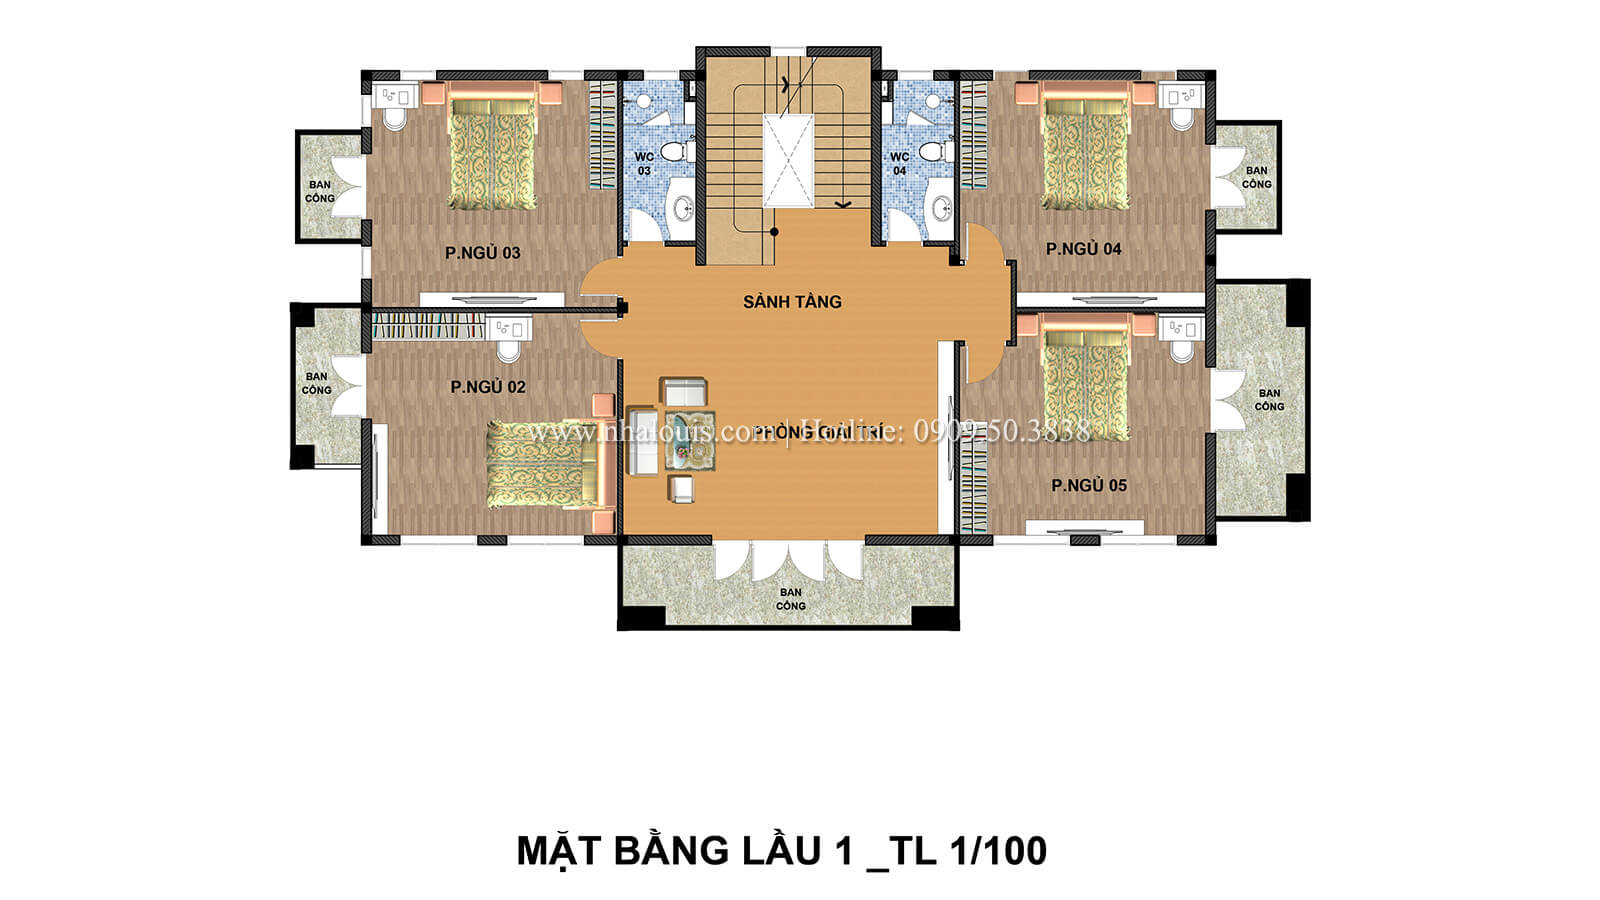 Mặt bằng tầng 1 Biệt thự 2 tầng cổ điển chuẩn sang trọng tại Hóc Môn - 06